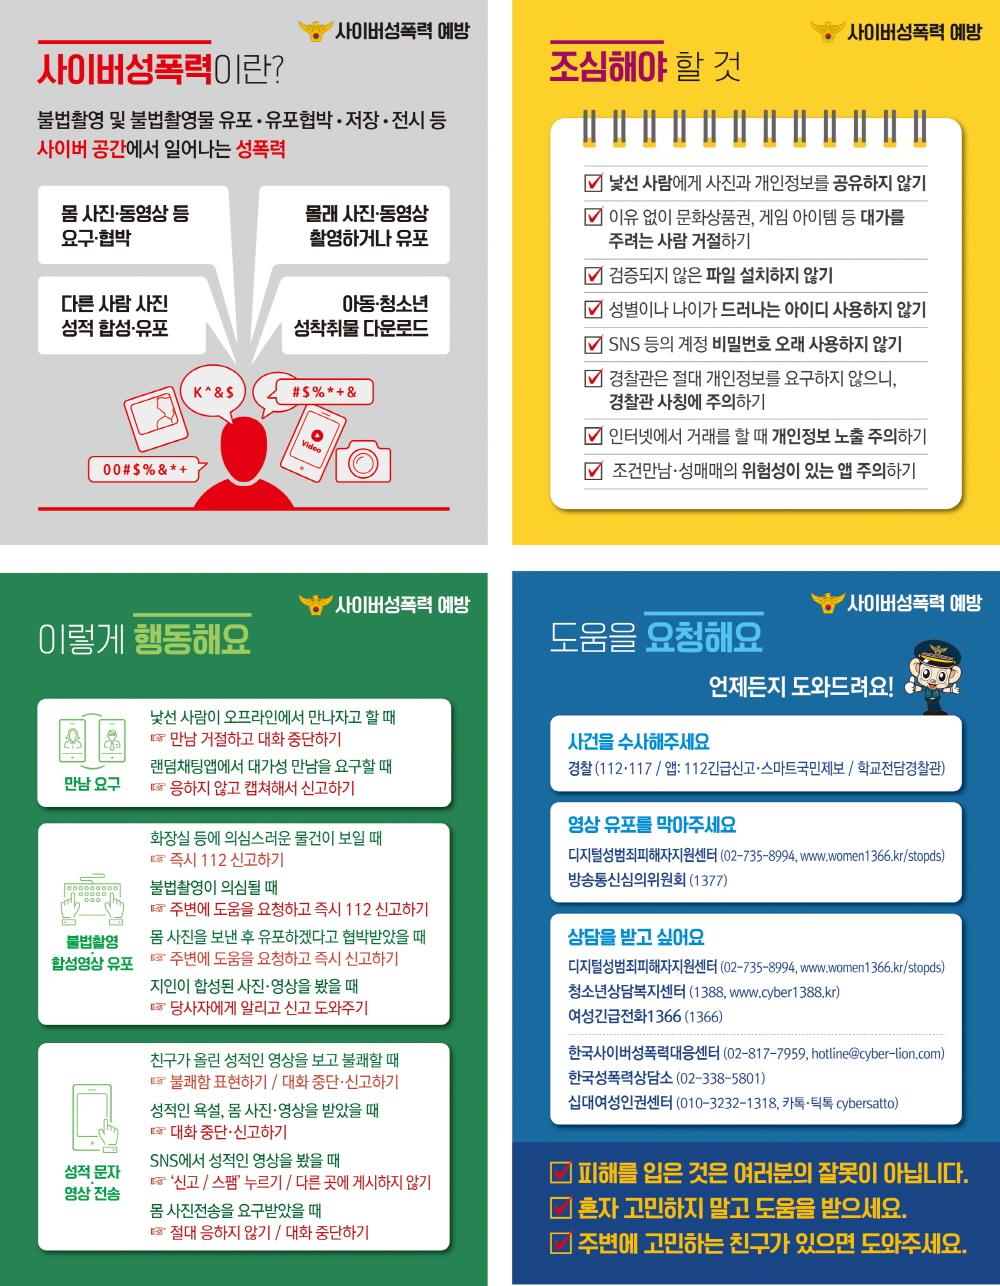 사이버성폭력 팝업